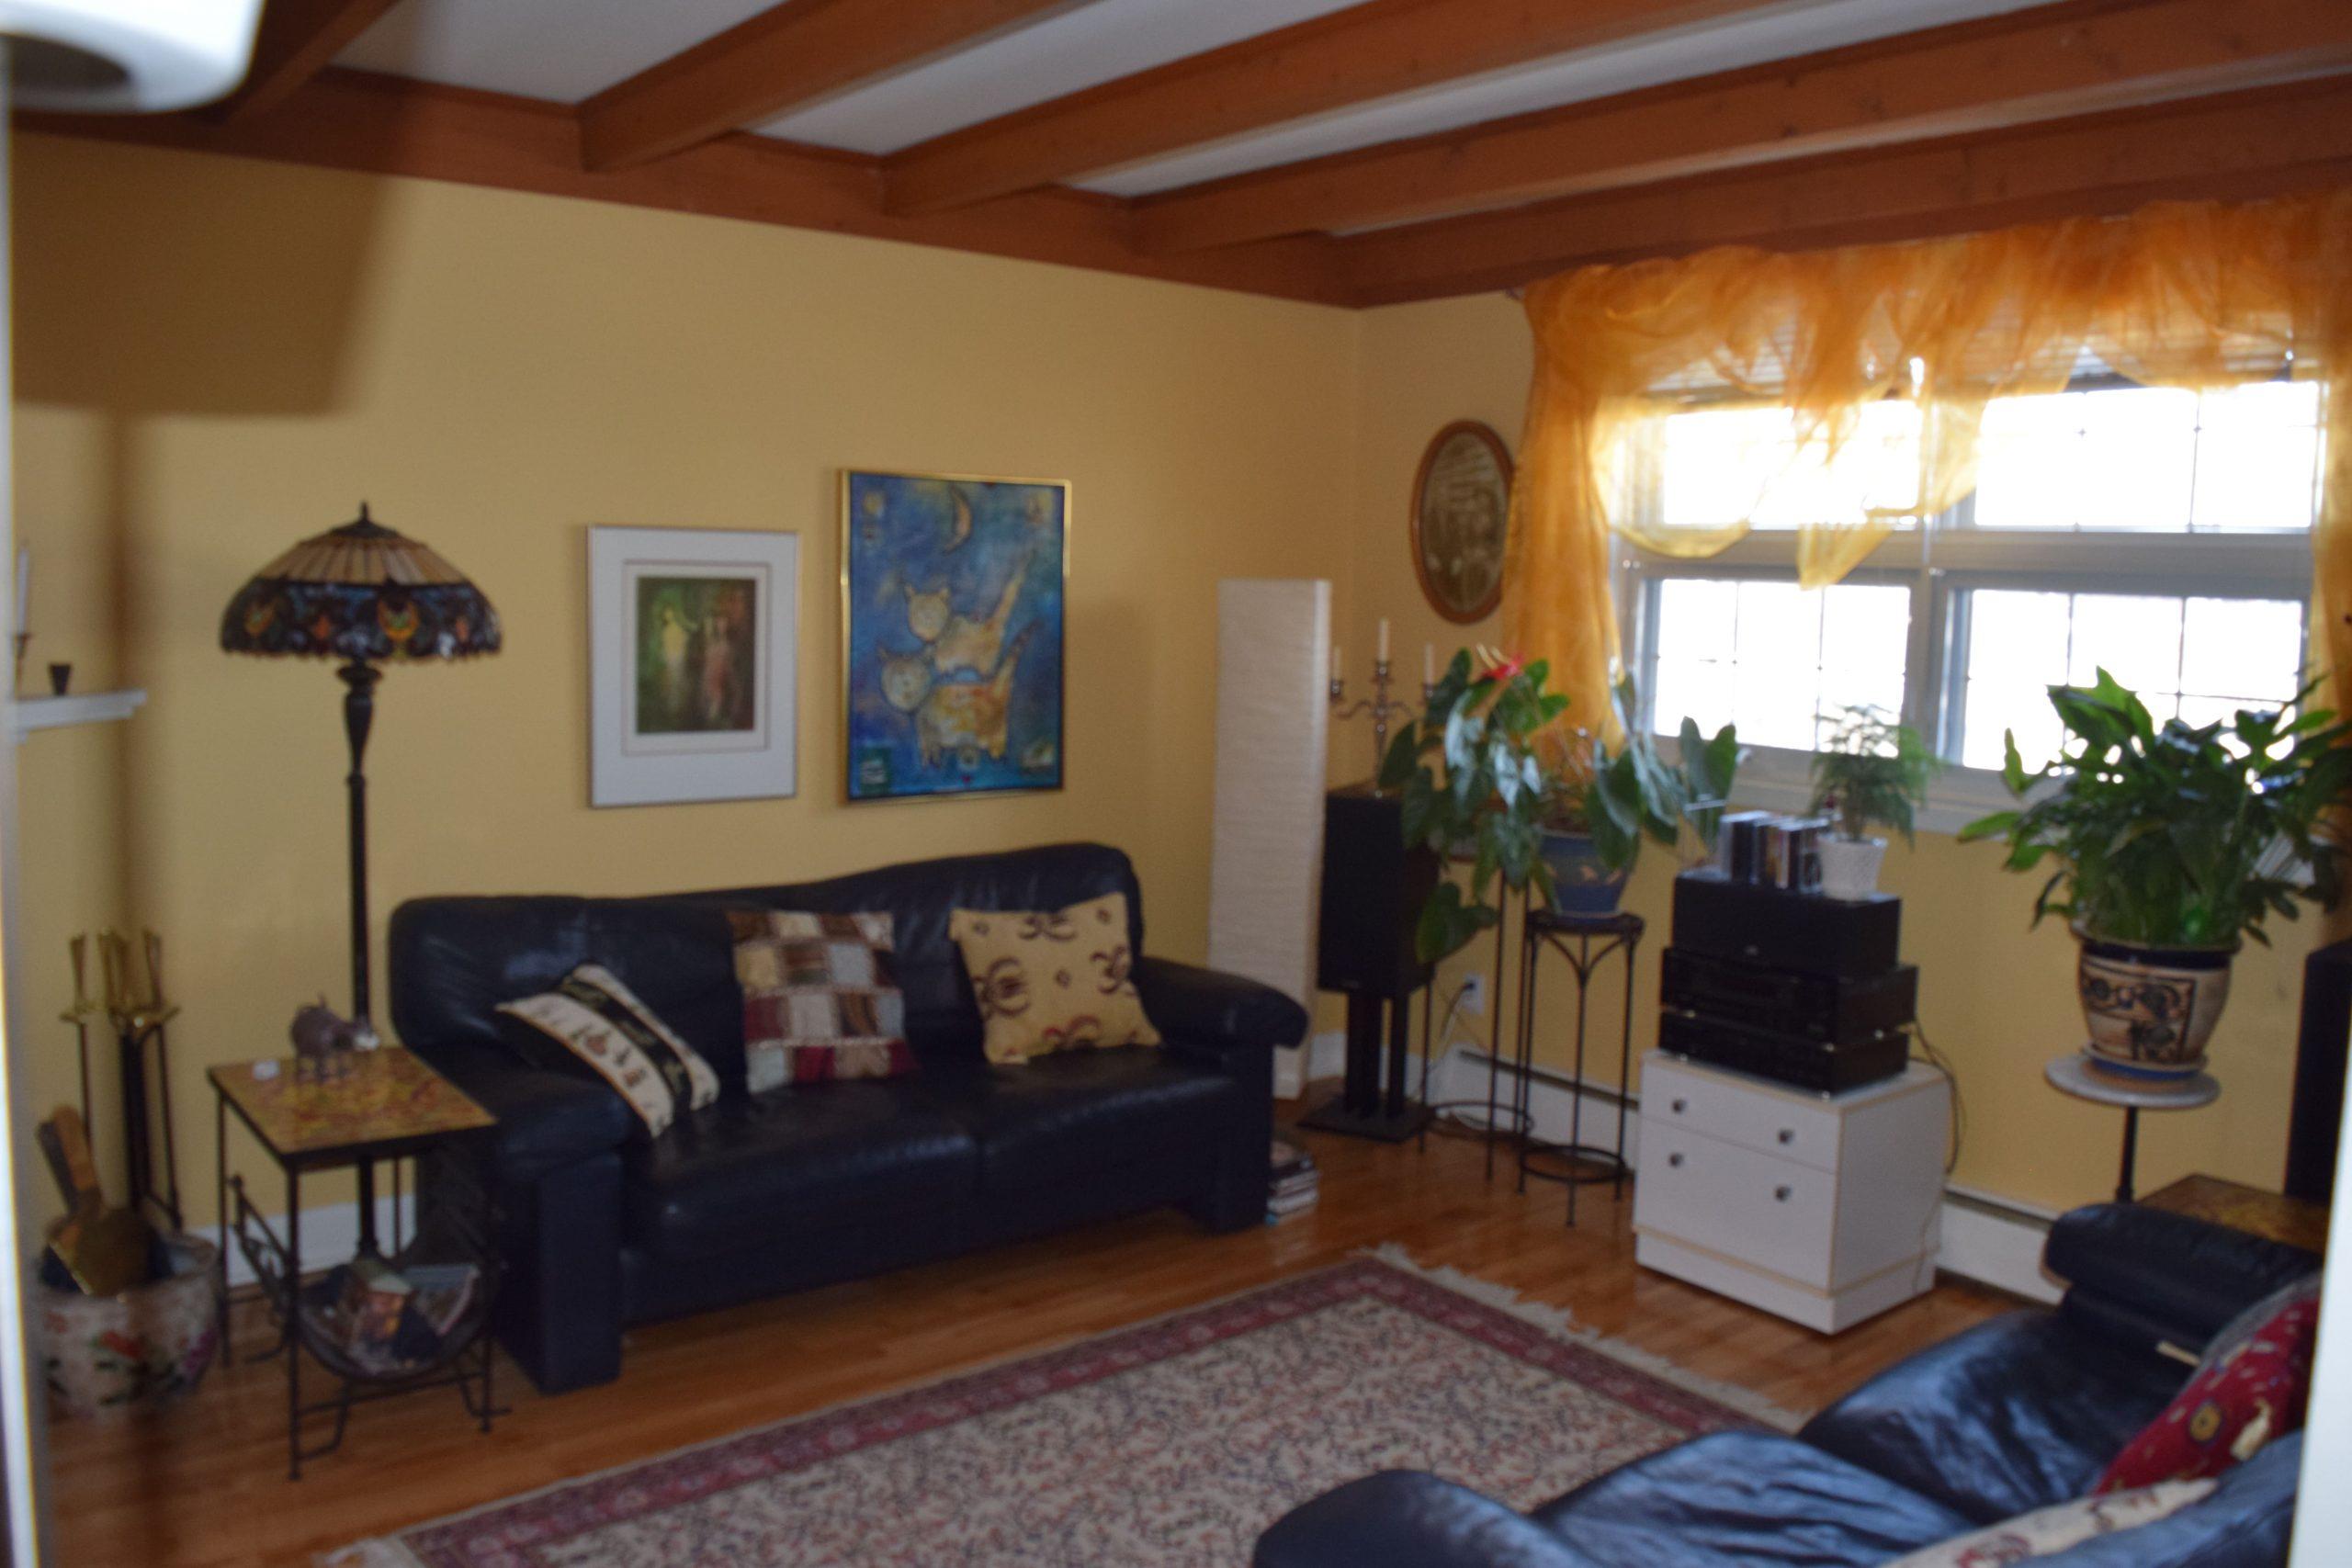 Photo 7 : Maison à Ste-Foy, libre pour Juillet, petit Chien toléré, Chauffage + Eau chaude + Stationnement inclus